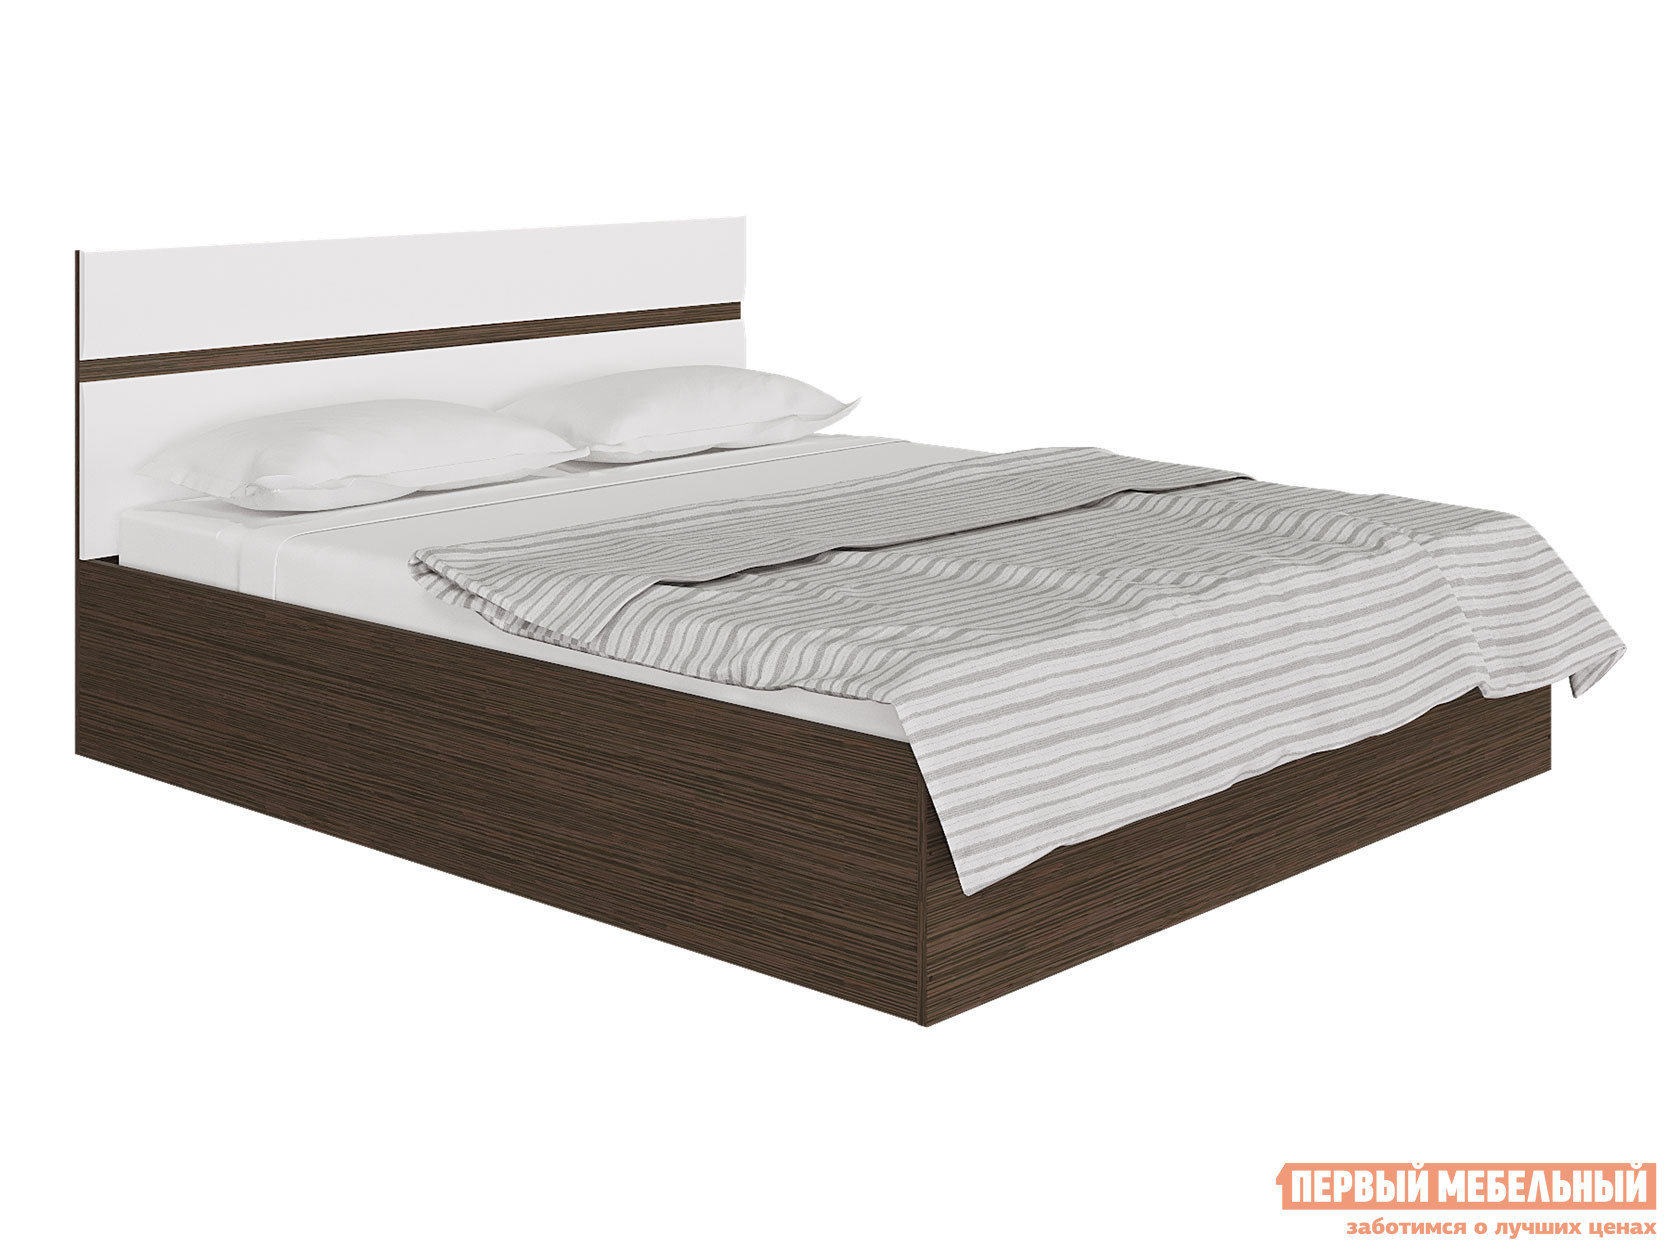 Двуспальная кровать  Ненси Венге / Белый глянец, 1600 Х 2000 мм, С подъемным механизмом Горизонт 74180